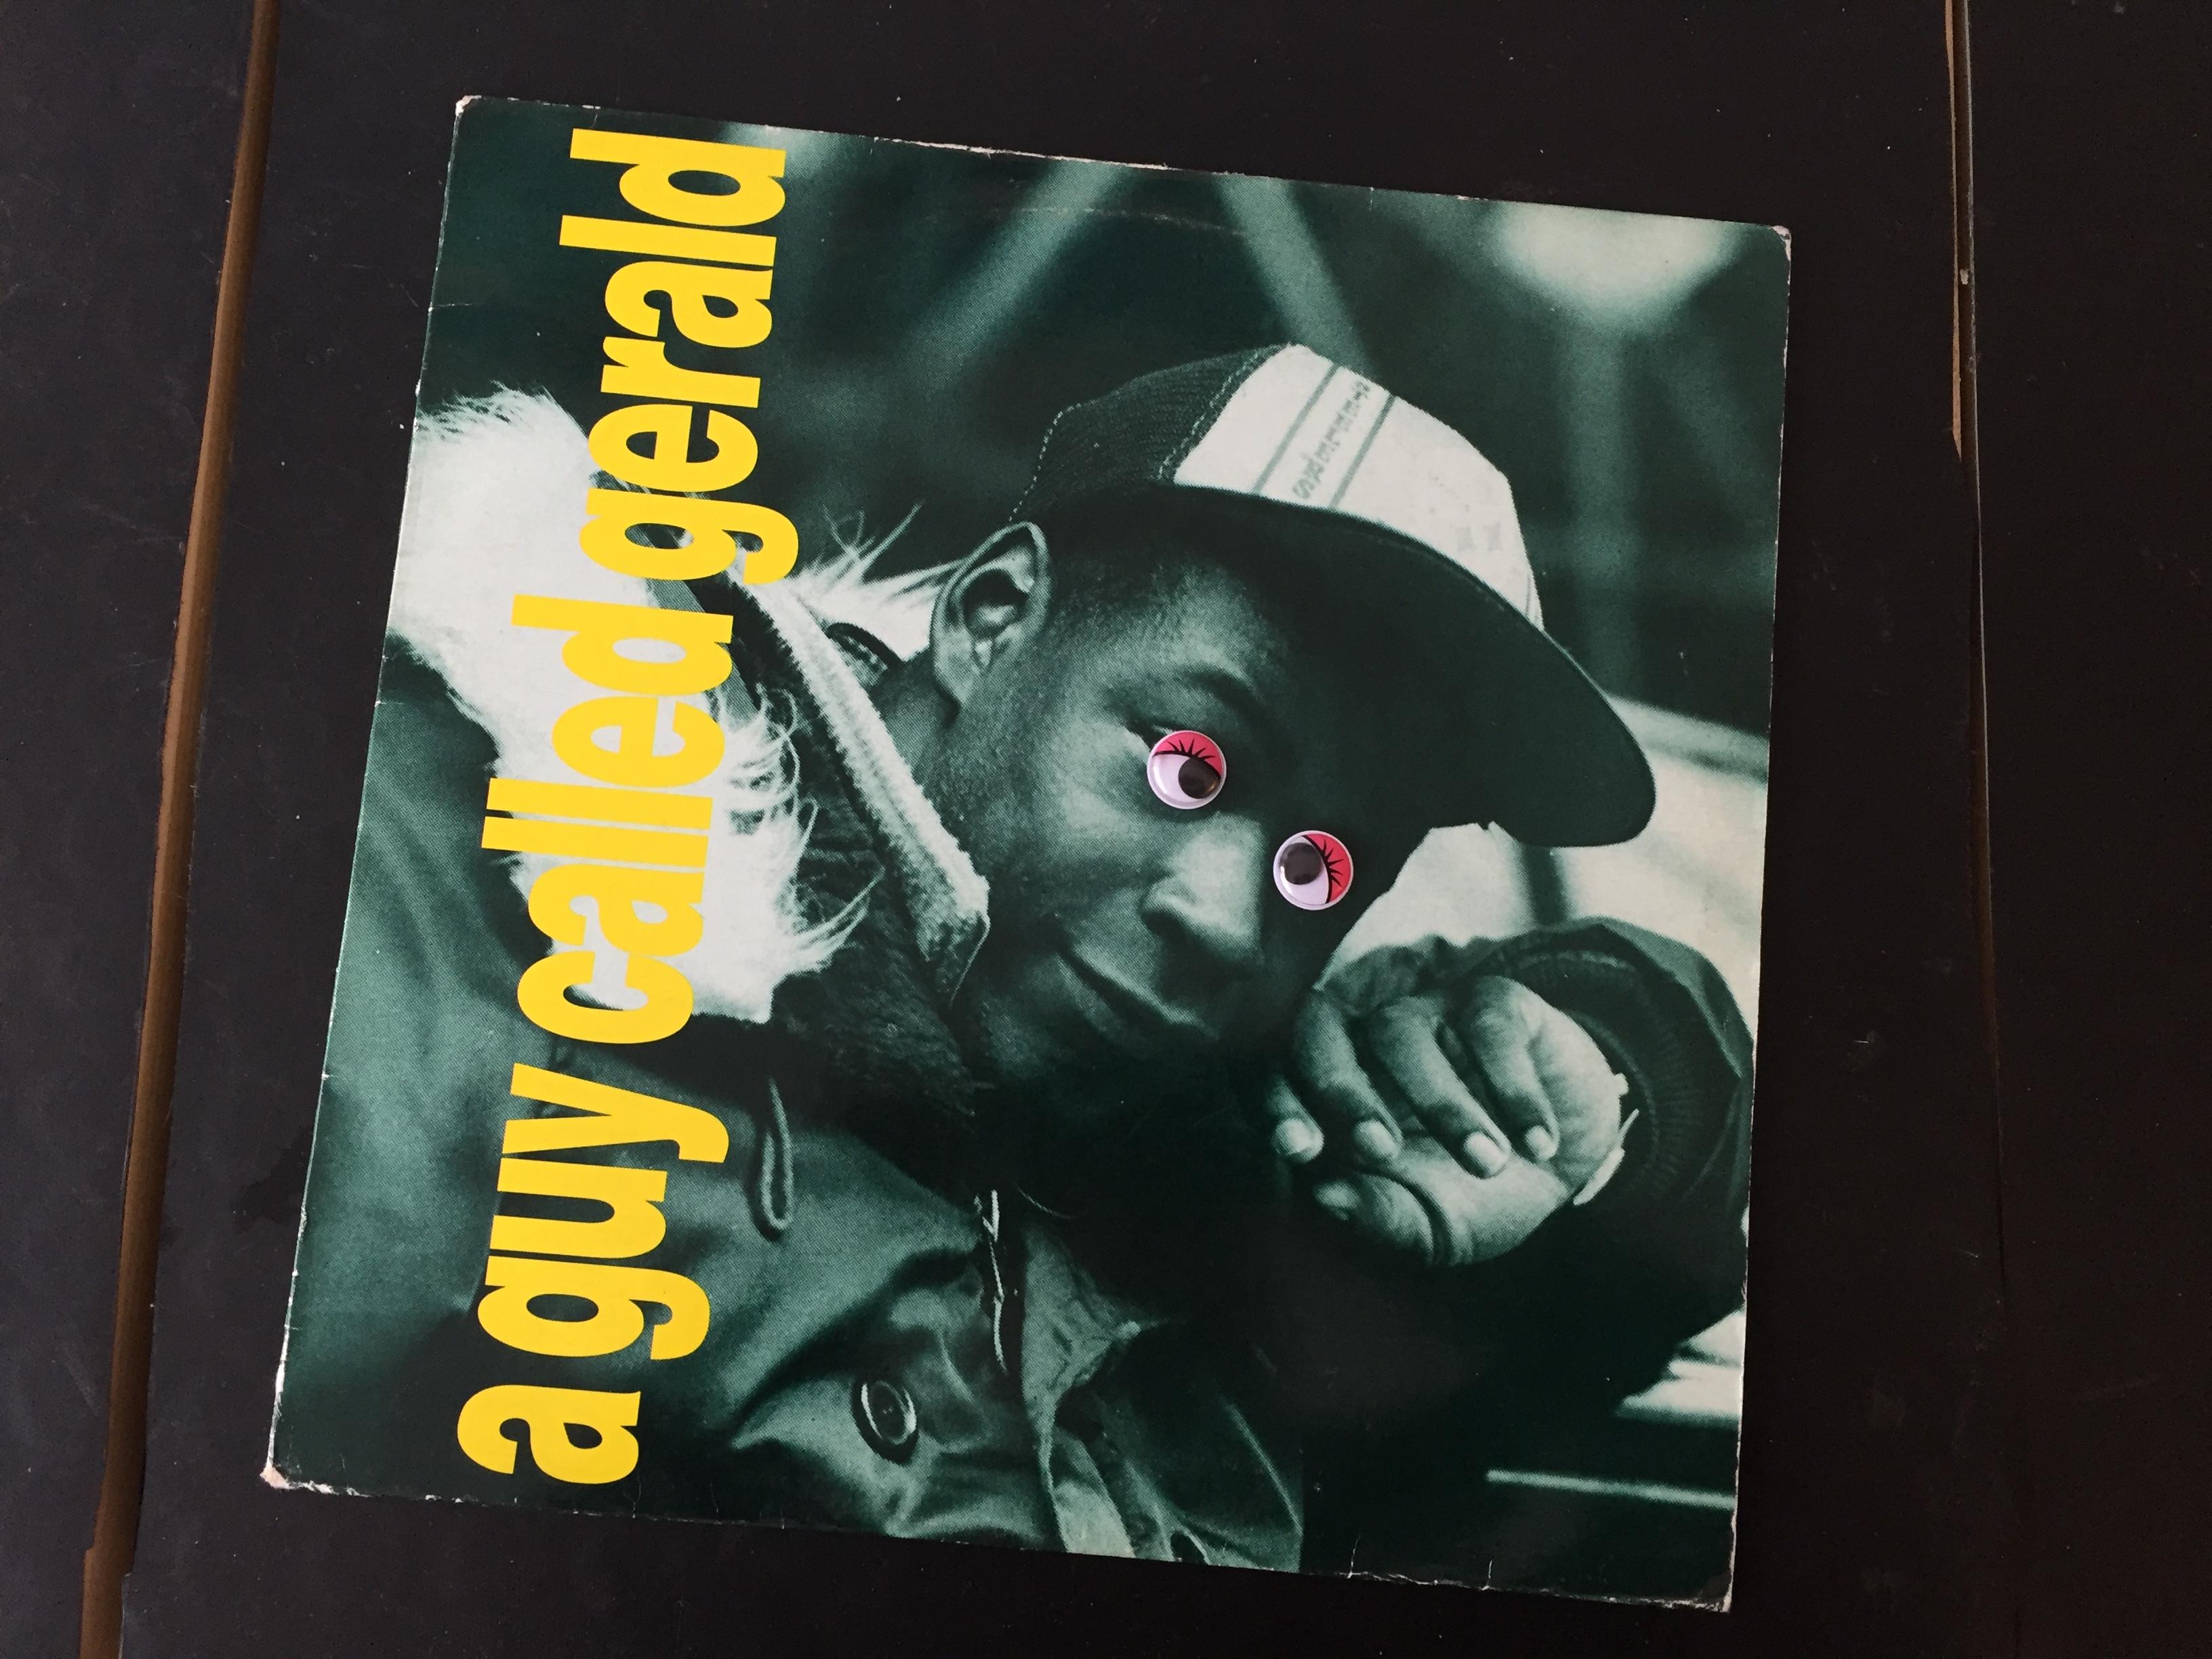 Spaß mit Wackelaugen: A Guy Called Gerald – Vodoo Ray